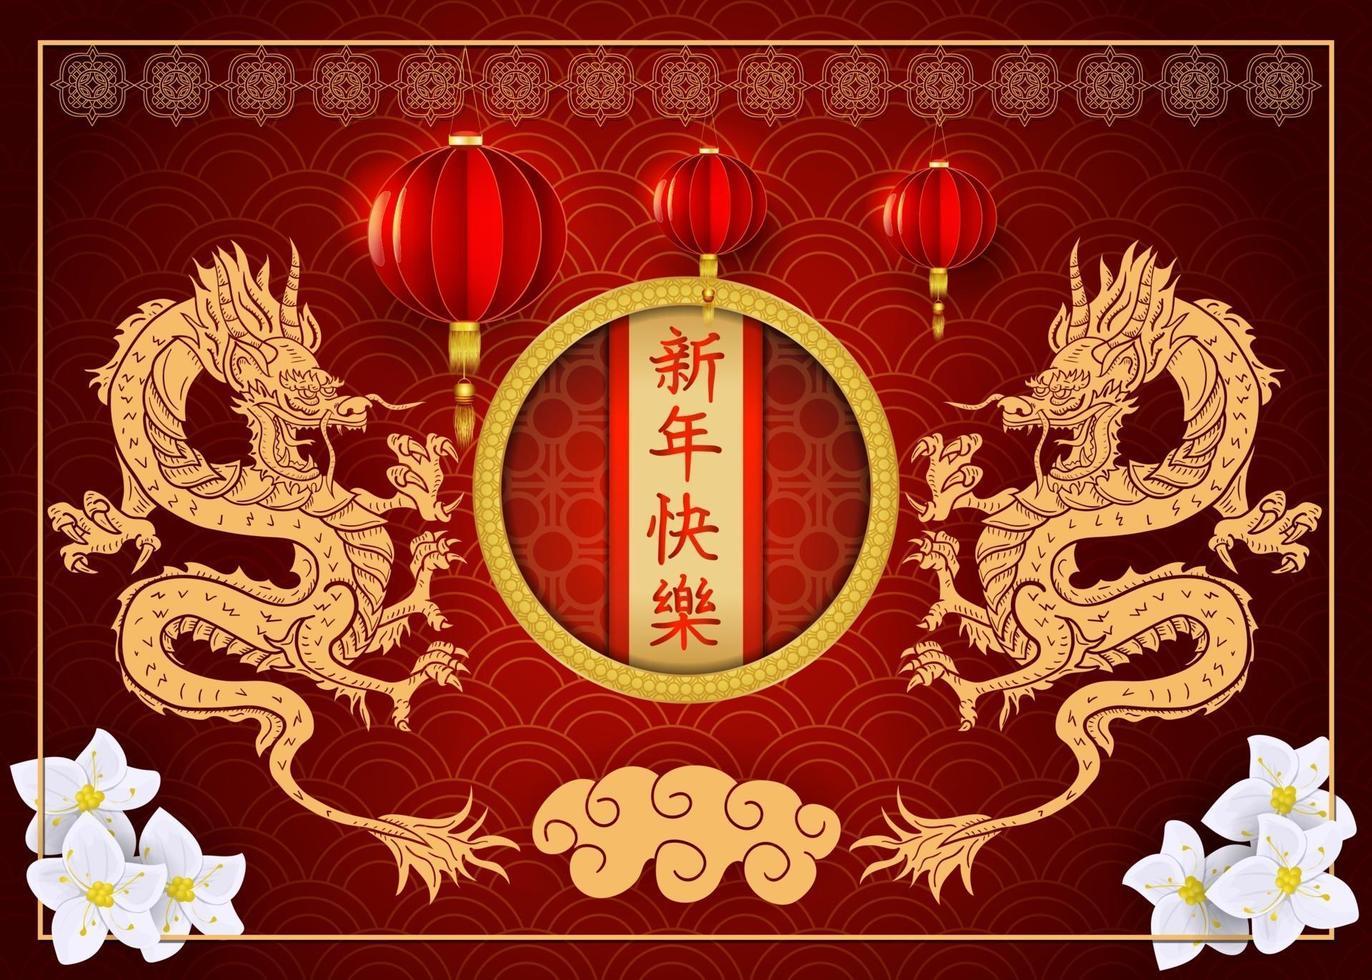 röda och guldfärger kinesiskt nyår två asiatisk snidad drakedesign vektor